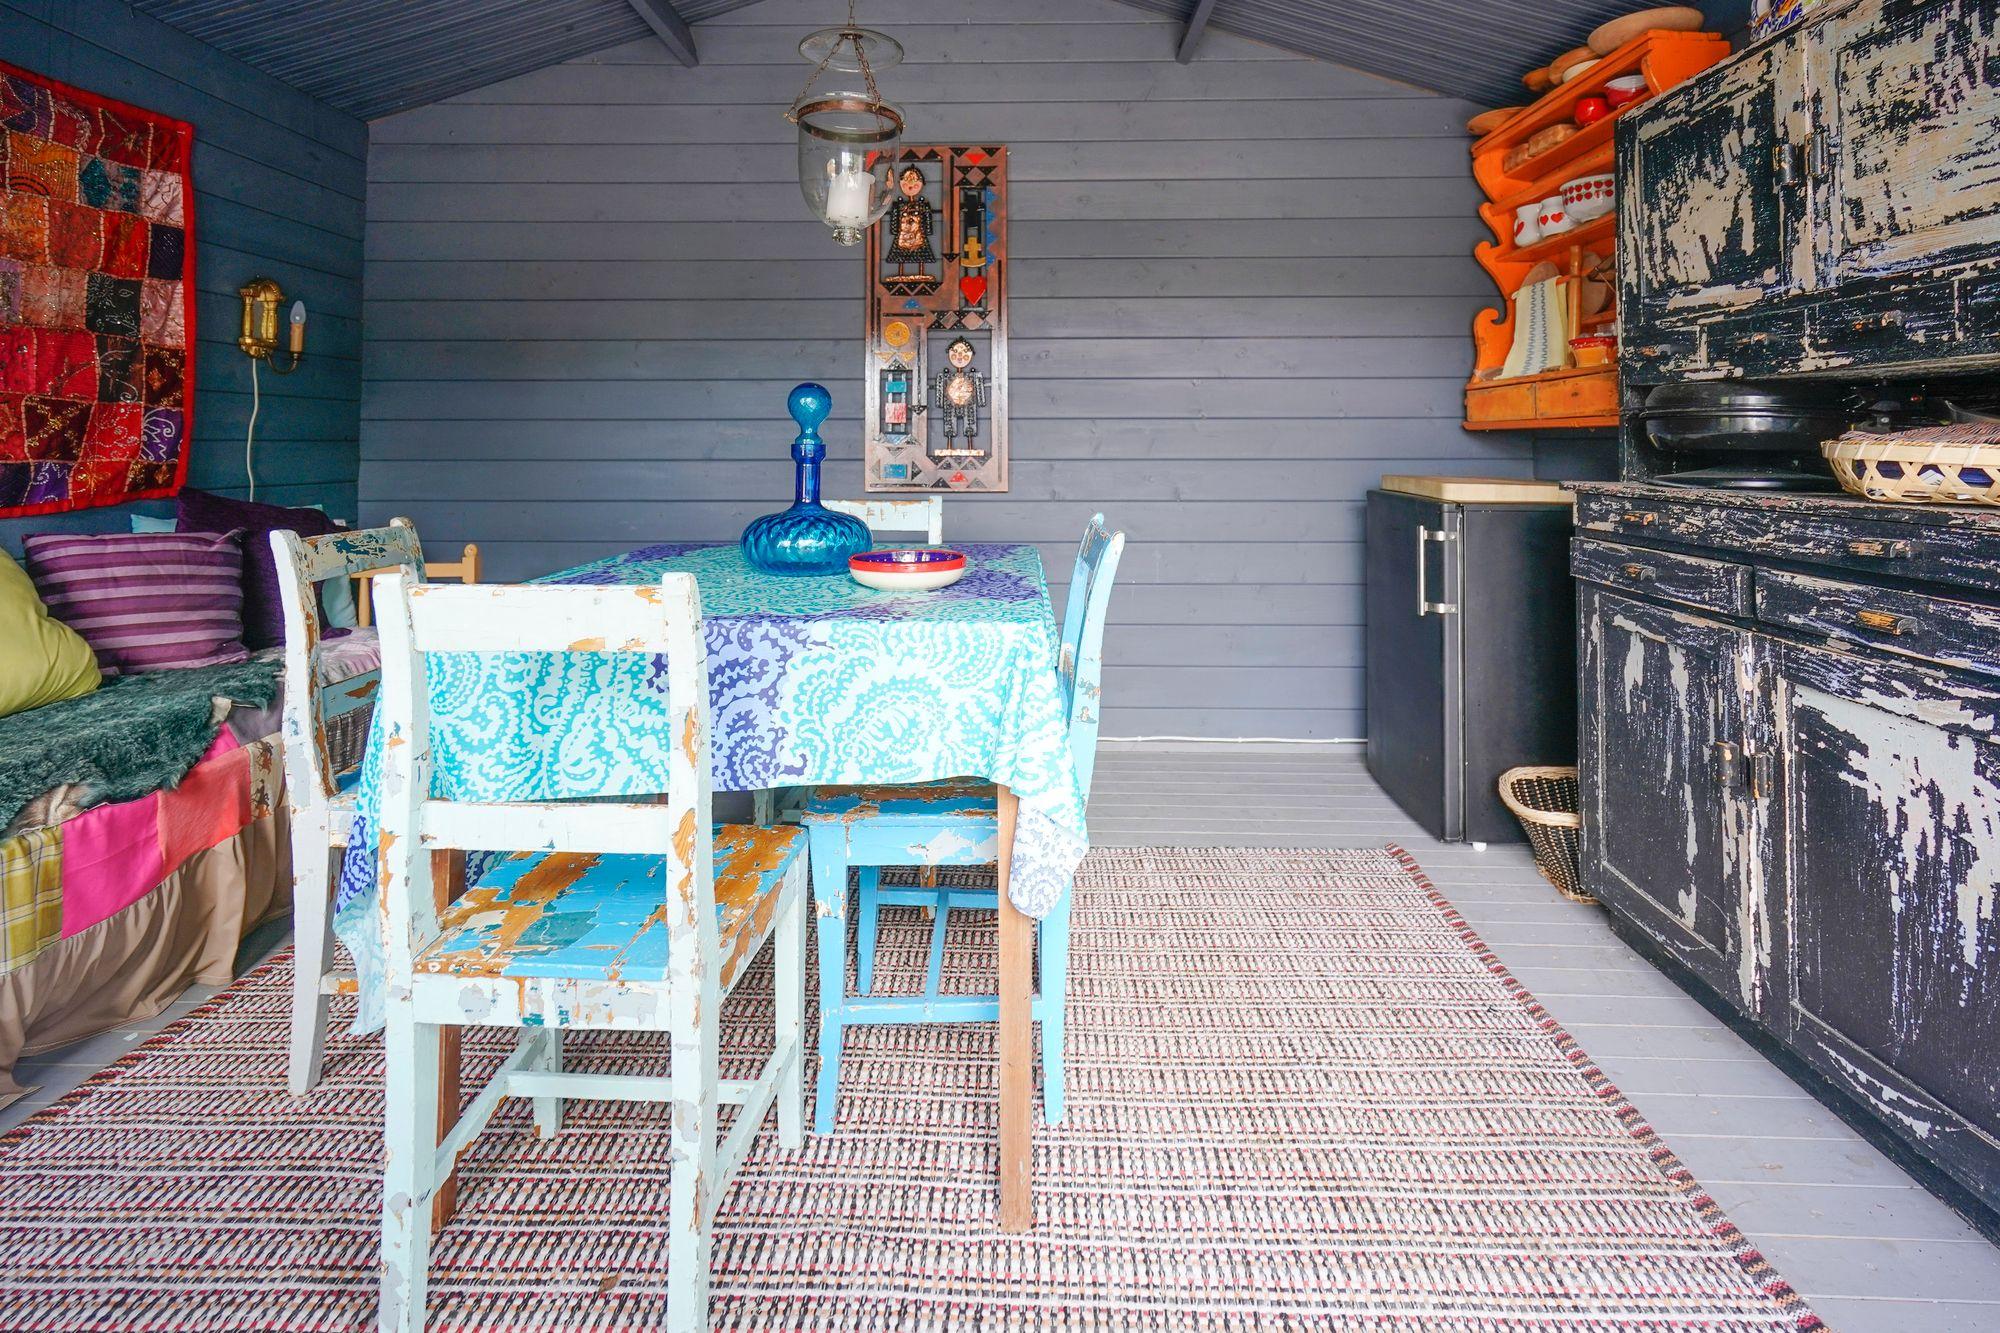 """Sari ja Ari Haapaniemen lempipaikka on """"kesämökki"""", jonne on rakennettu uima-allas, sauna ja oleskelutilat. © Timo Aalto"""